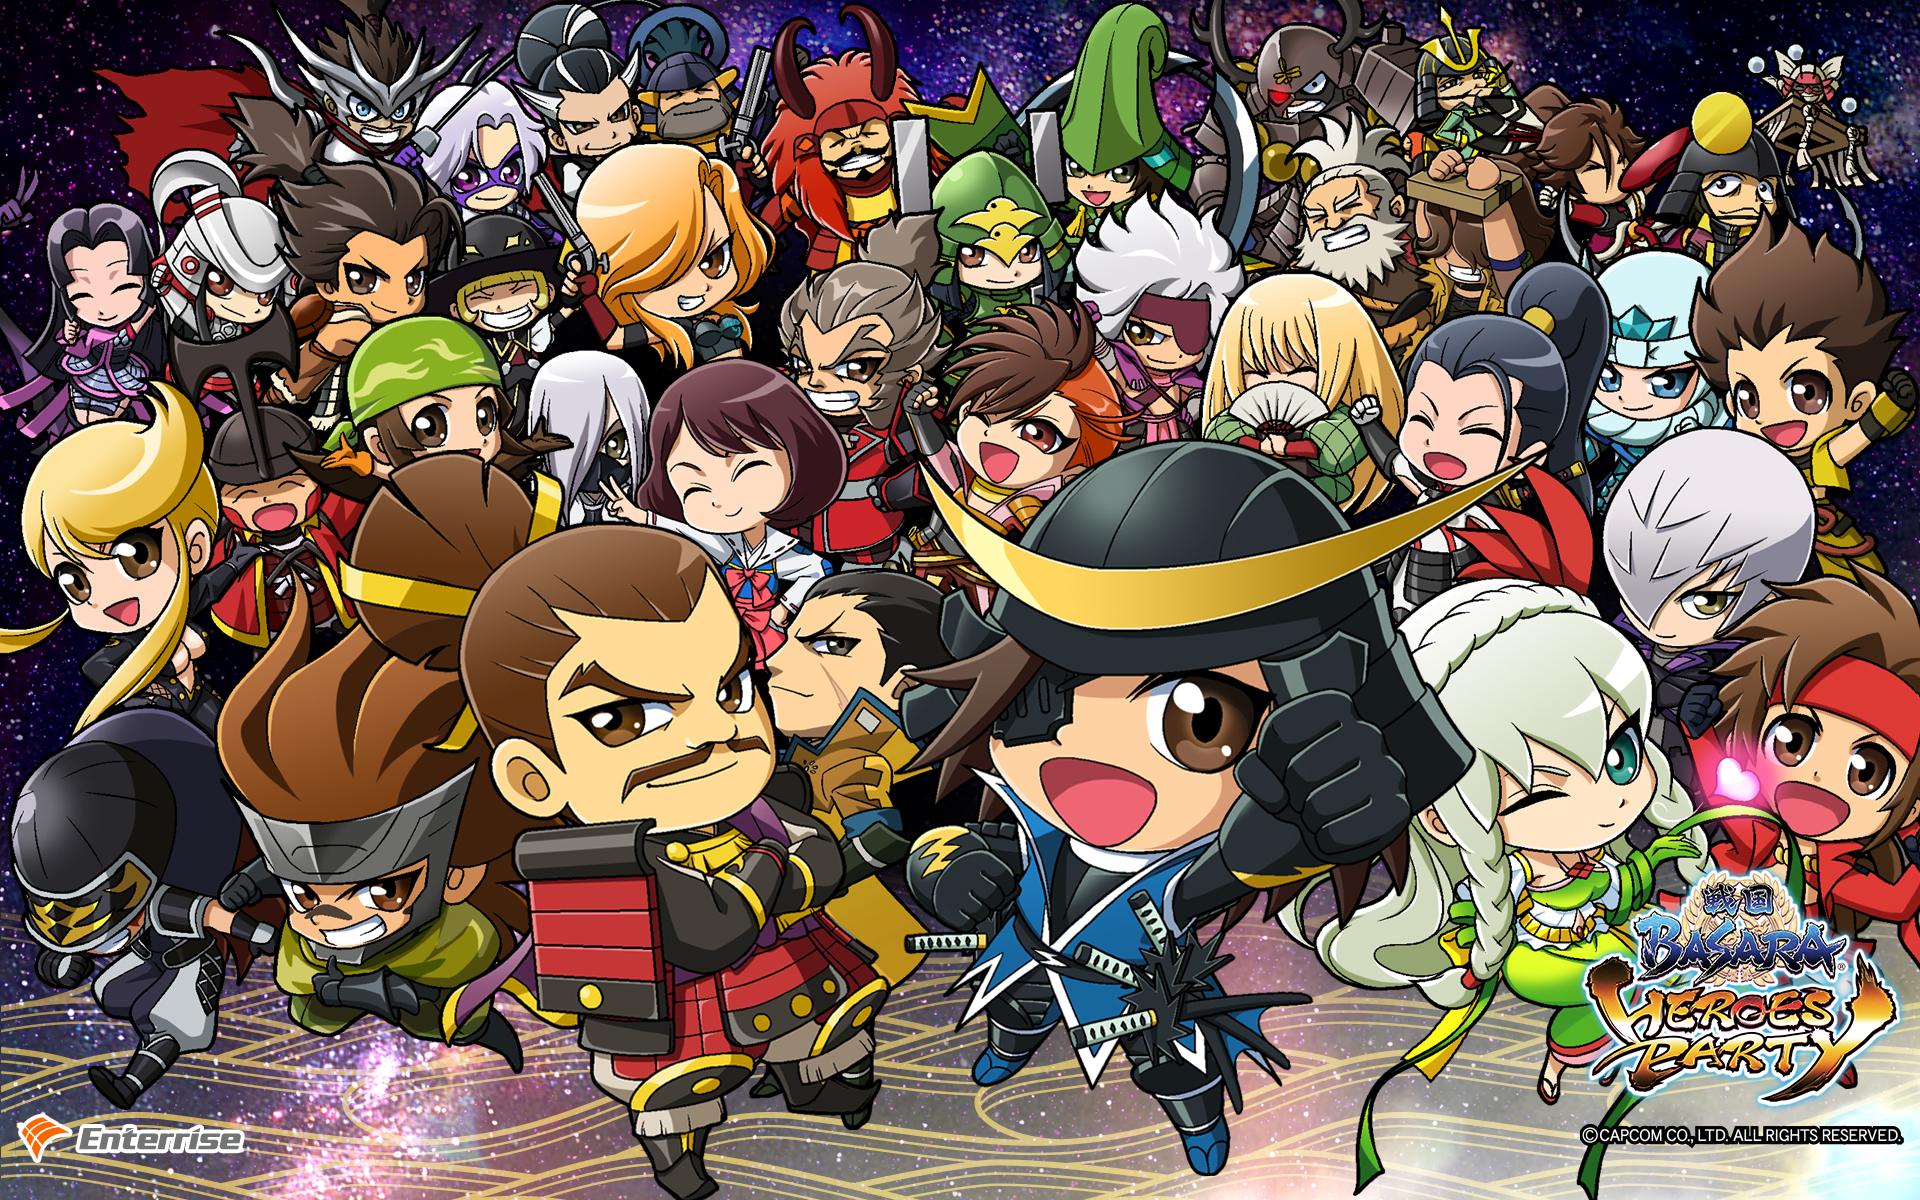 戦国basara Heroes Party エンターライズ